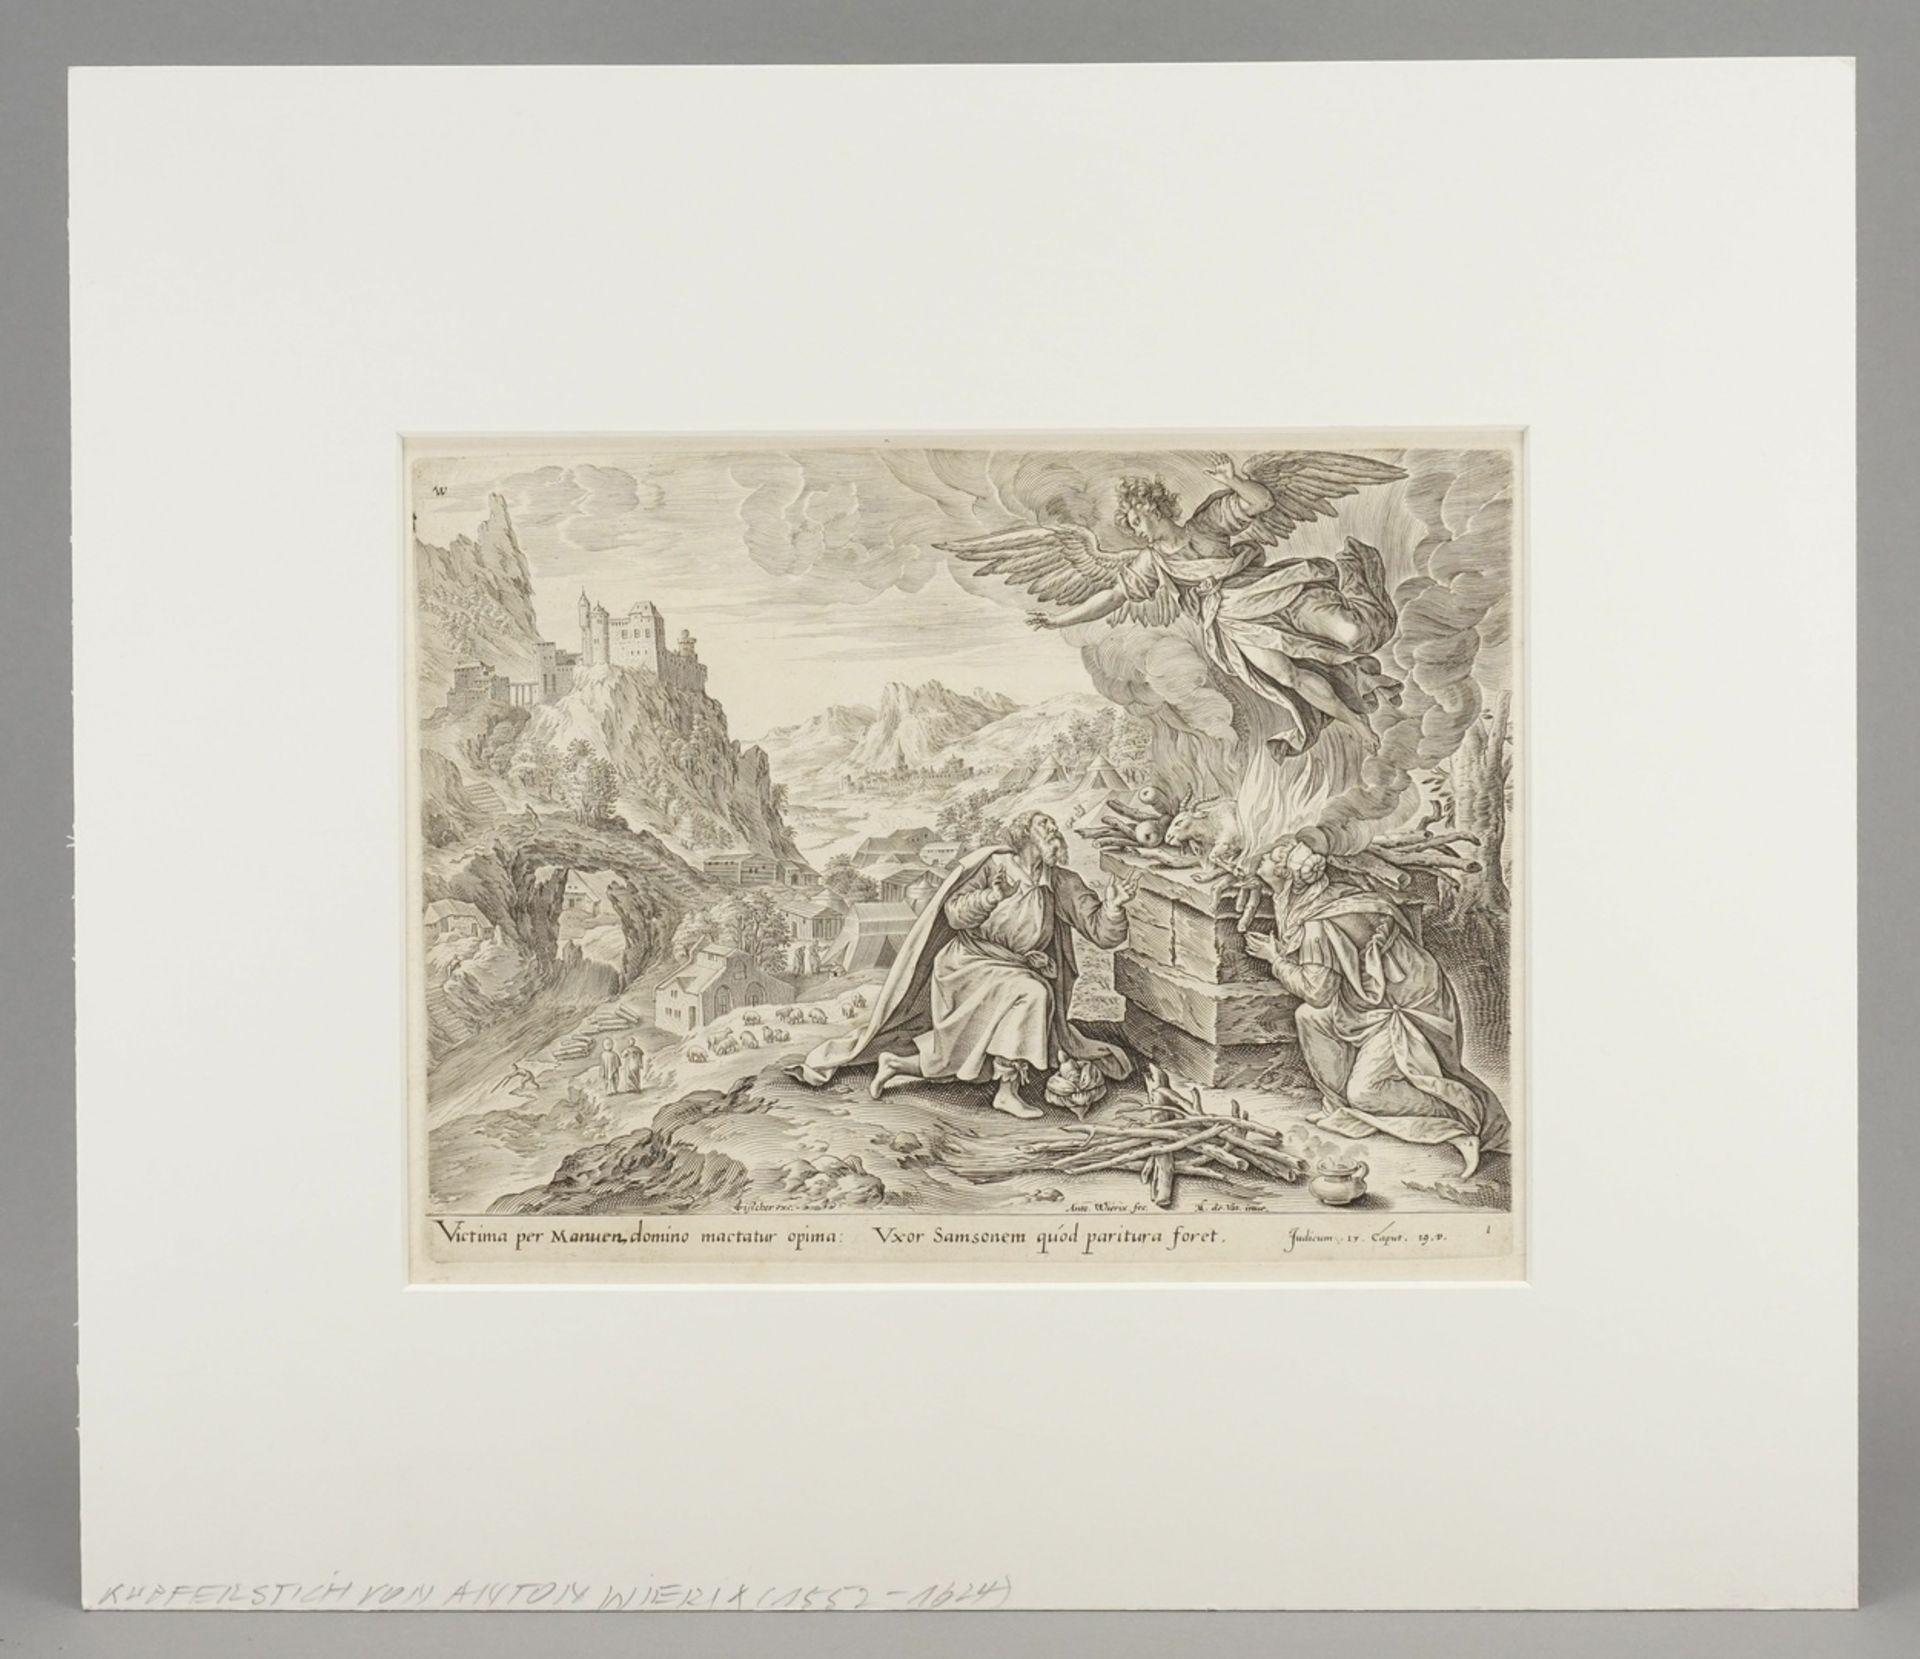 """Anton III Wierix, """"Victima per Manuen, domino mactatur opima..."""" (Der Engel entfernt sich von ... - Bild 2 aus 3"""